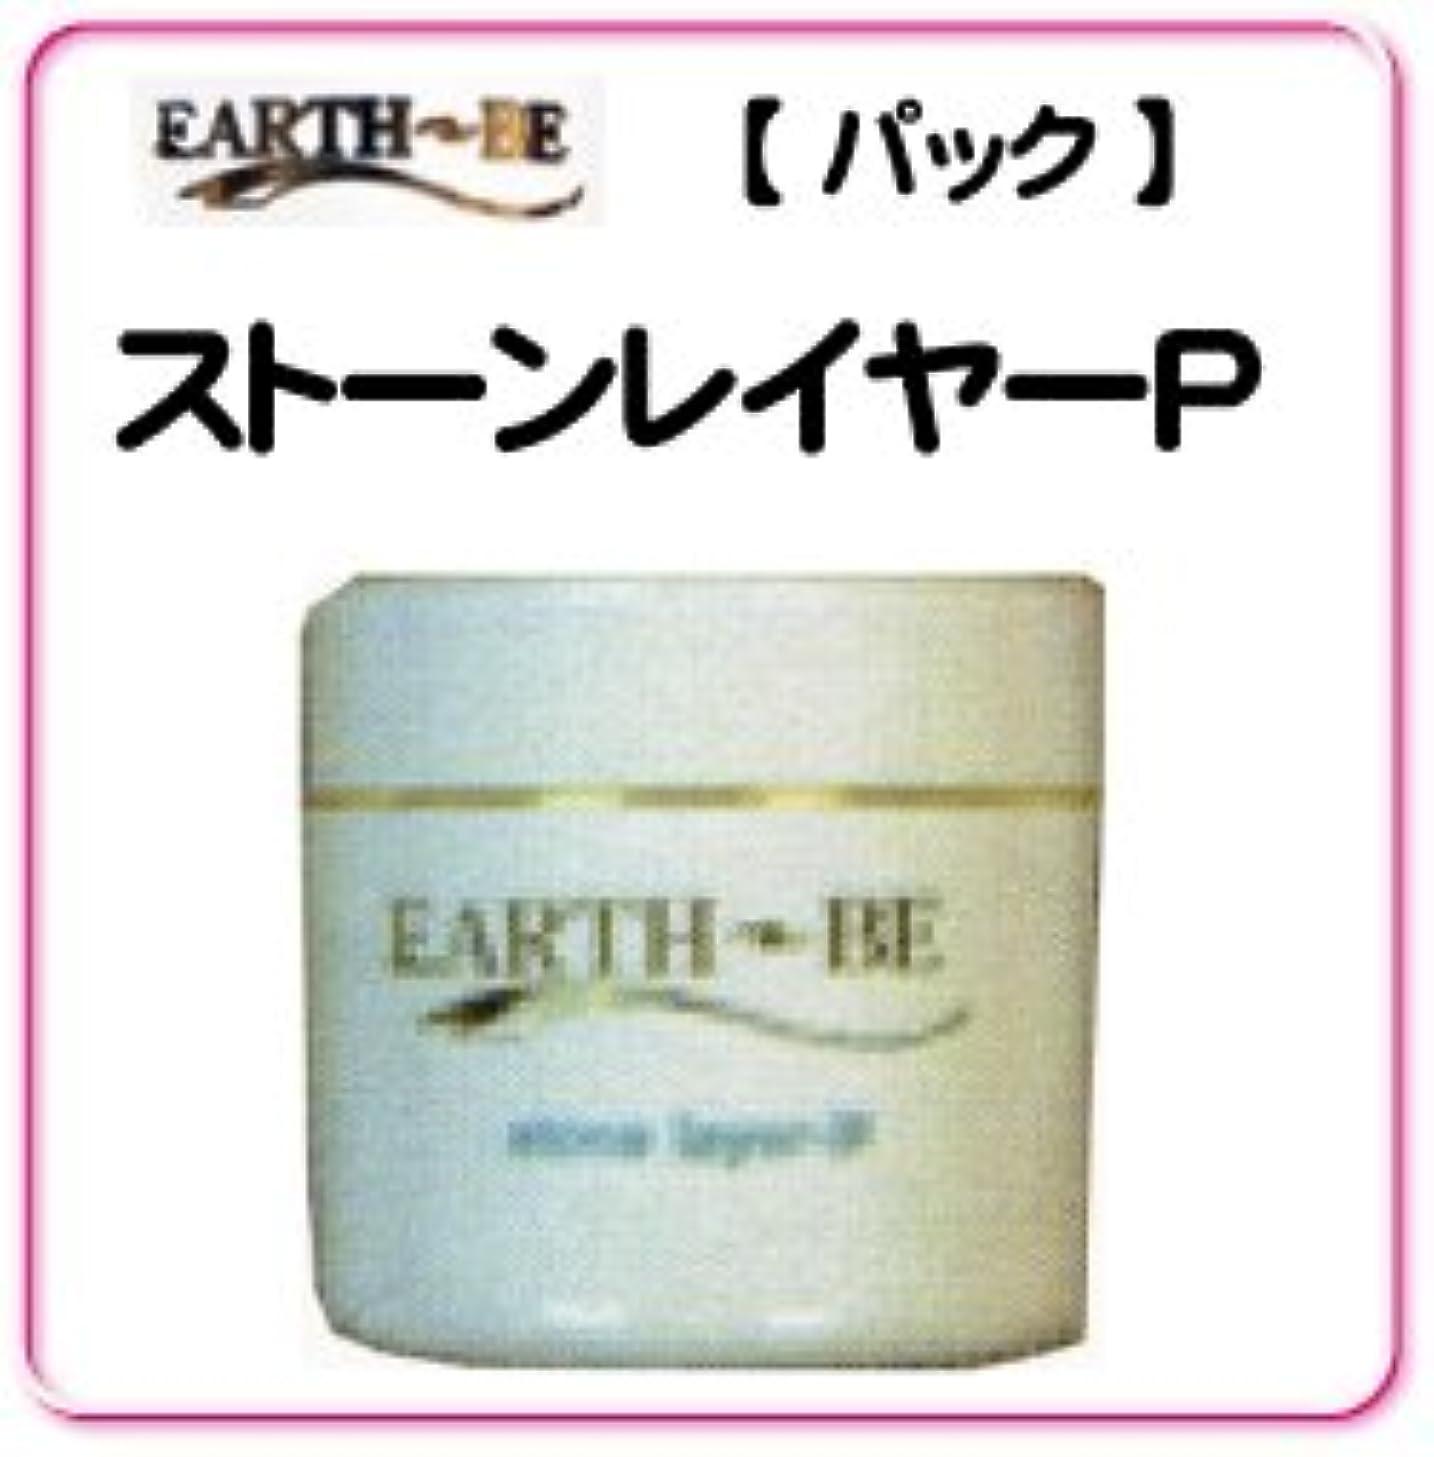 最高絶滅させる深遠ベルマン化粧品 EARTH-Bシリーズ  アースビ ストーンレイヤー P  パック 100g